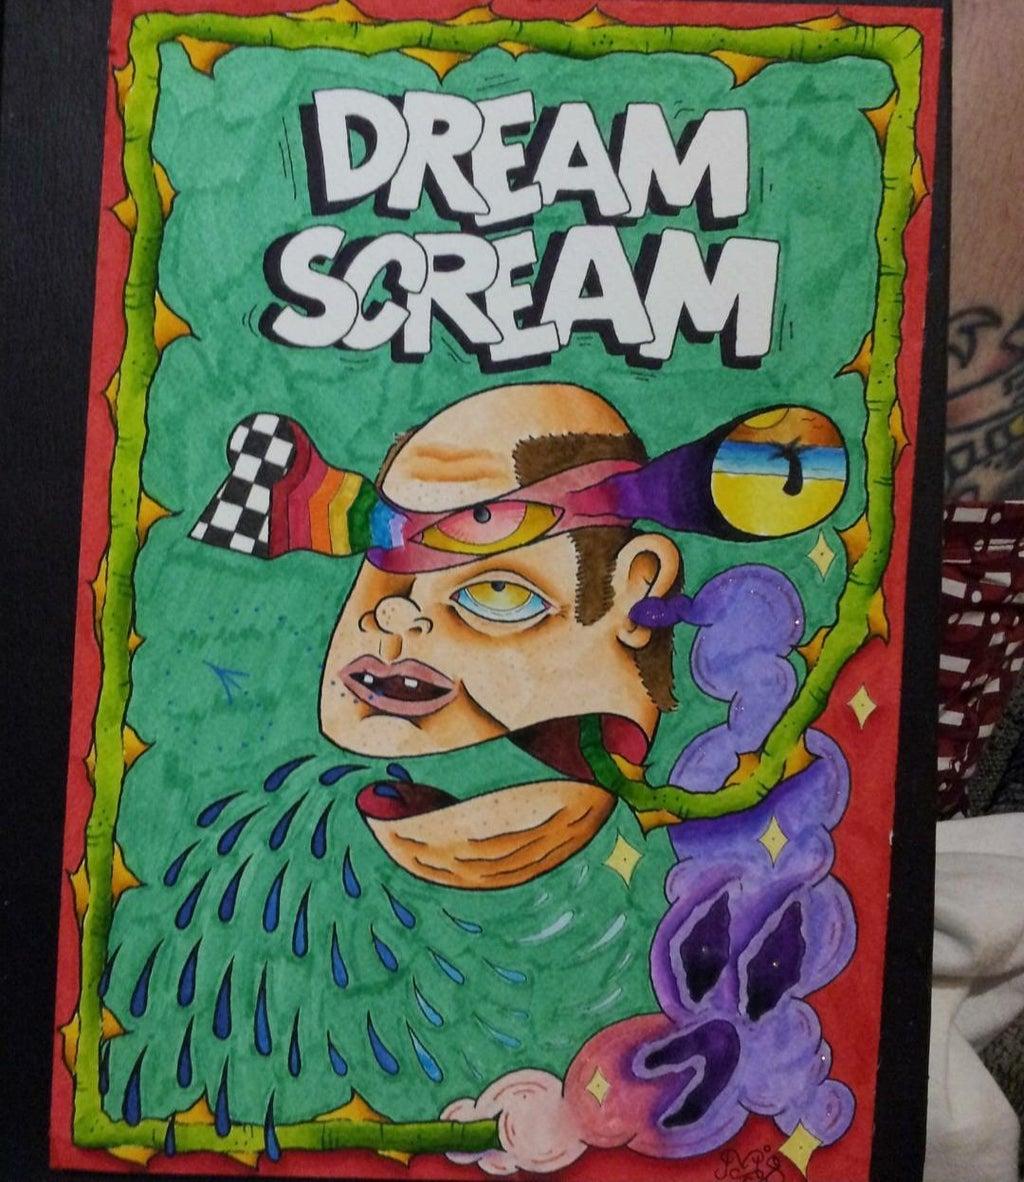 Matt colored art